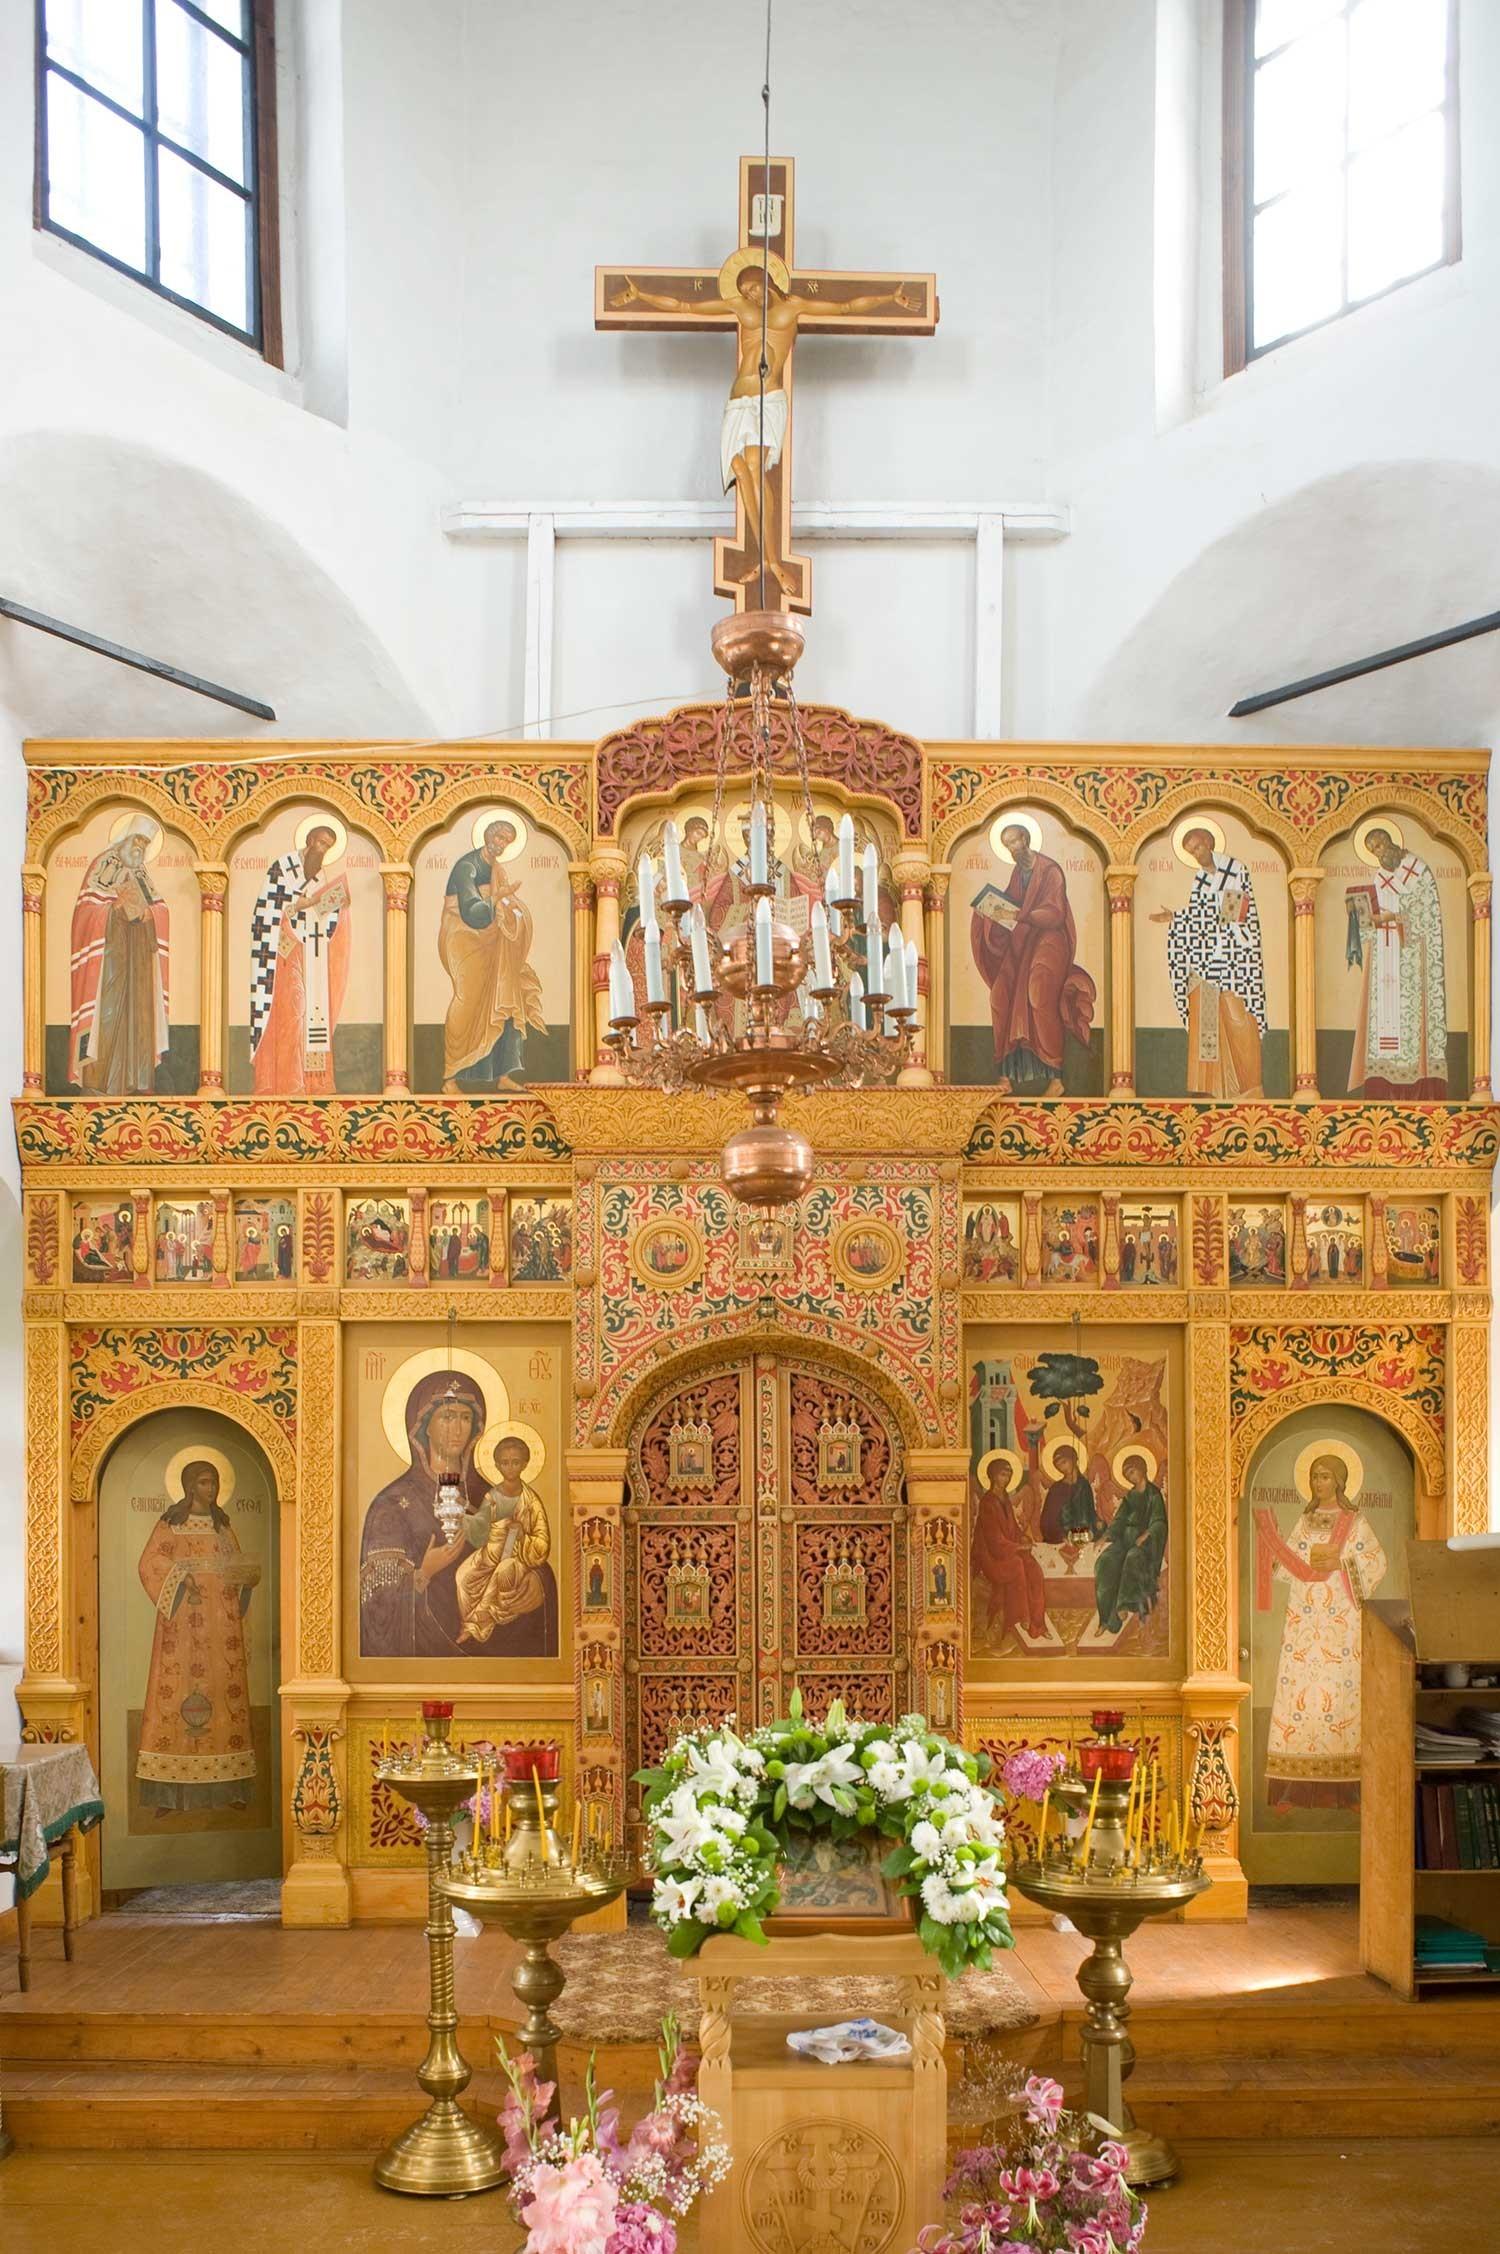 Iglesia del Icono de Nuestra Señora de Smolensk, nivel superior. Pantalla de iconos. 21 de agosto de 2012.